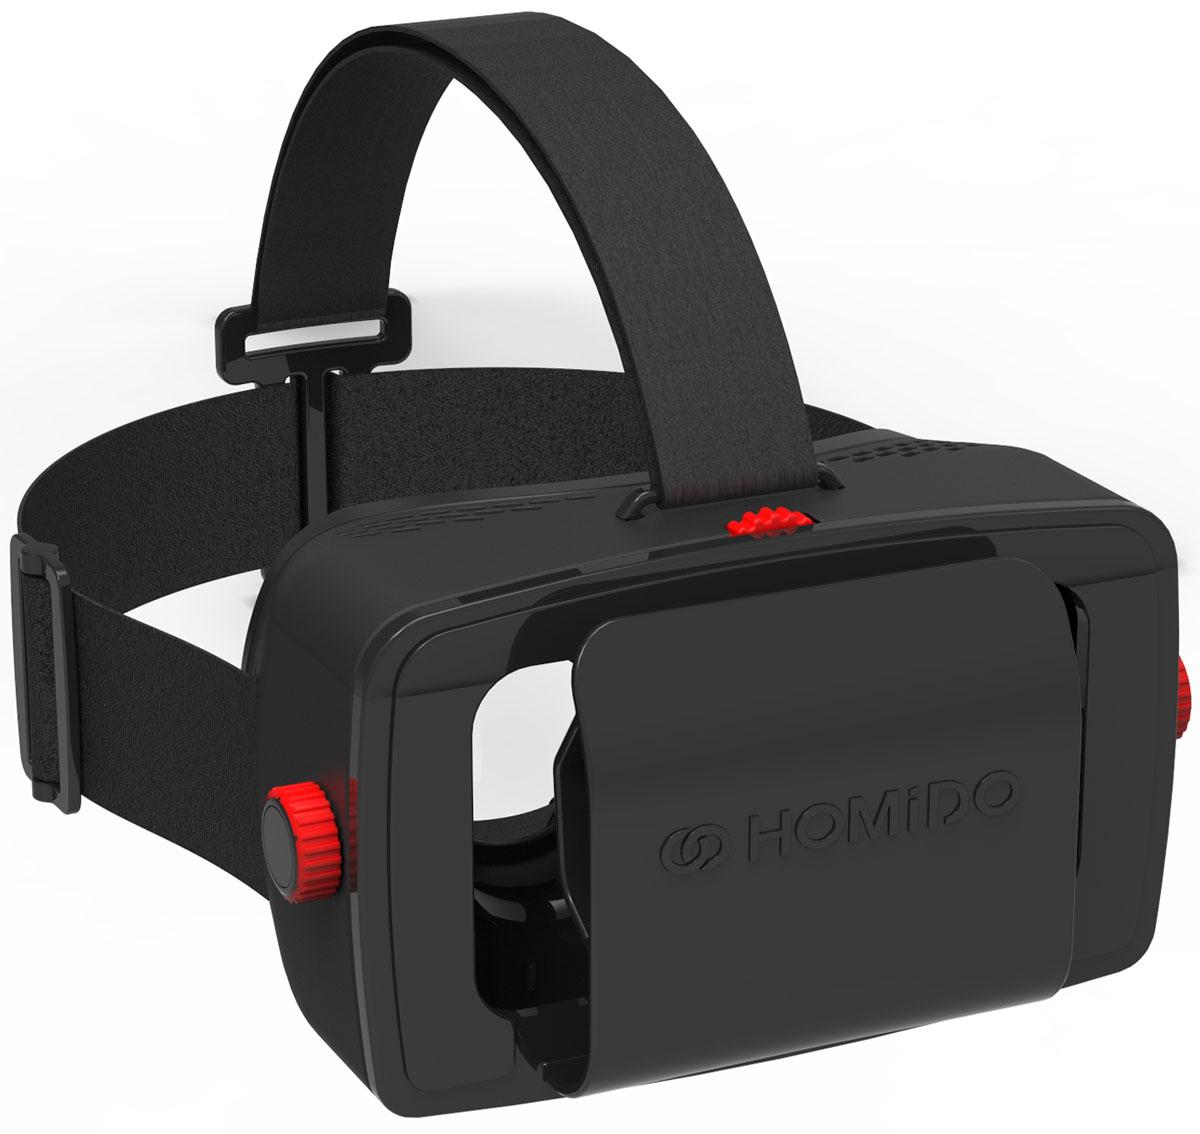 Homido V1 HMD-01, Black очки виртуальной реальности - VR и 3D очки